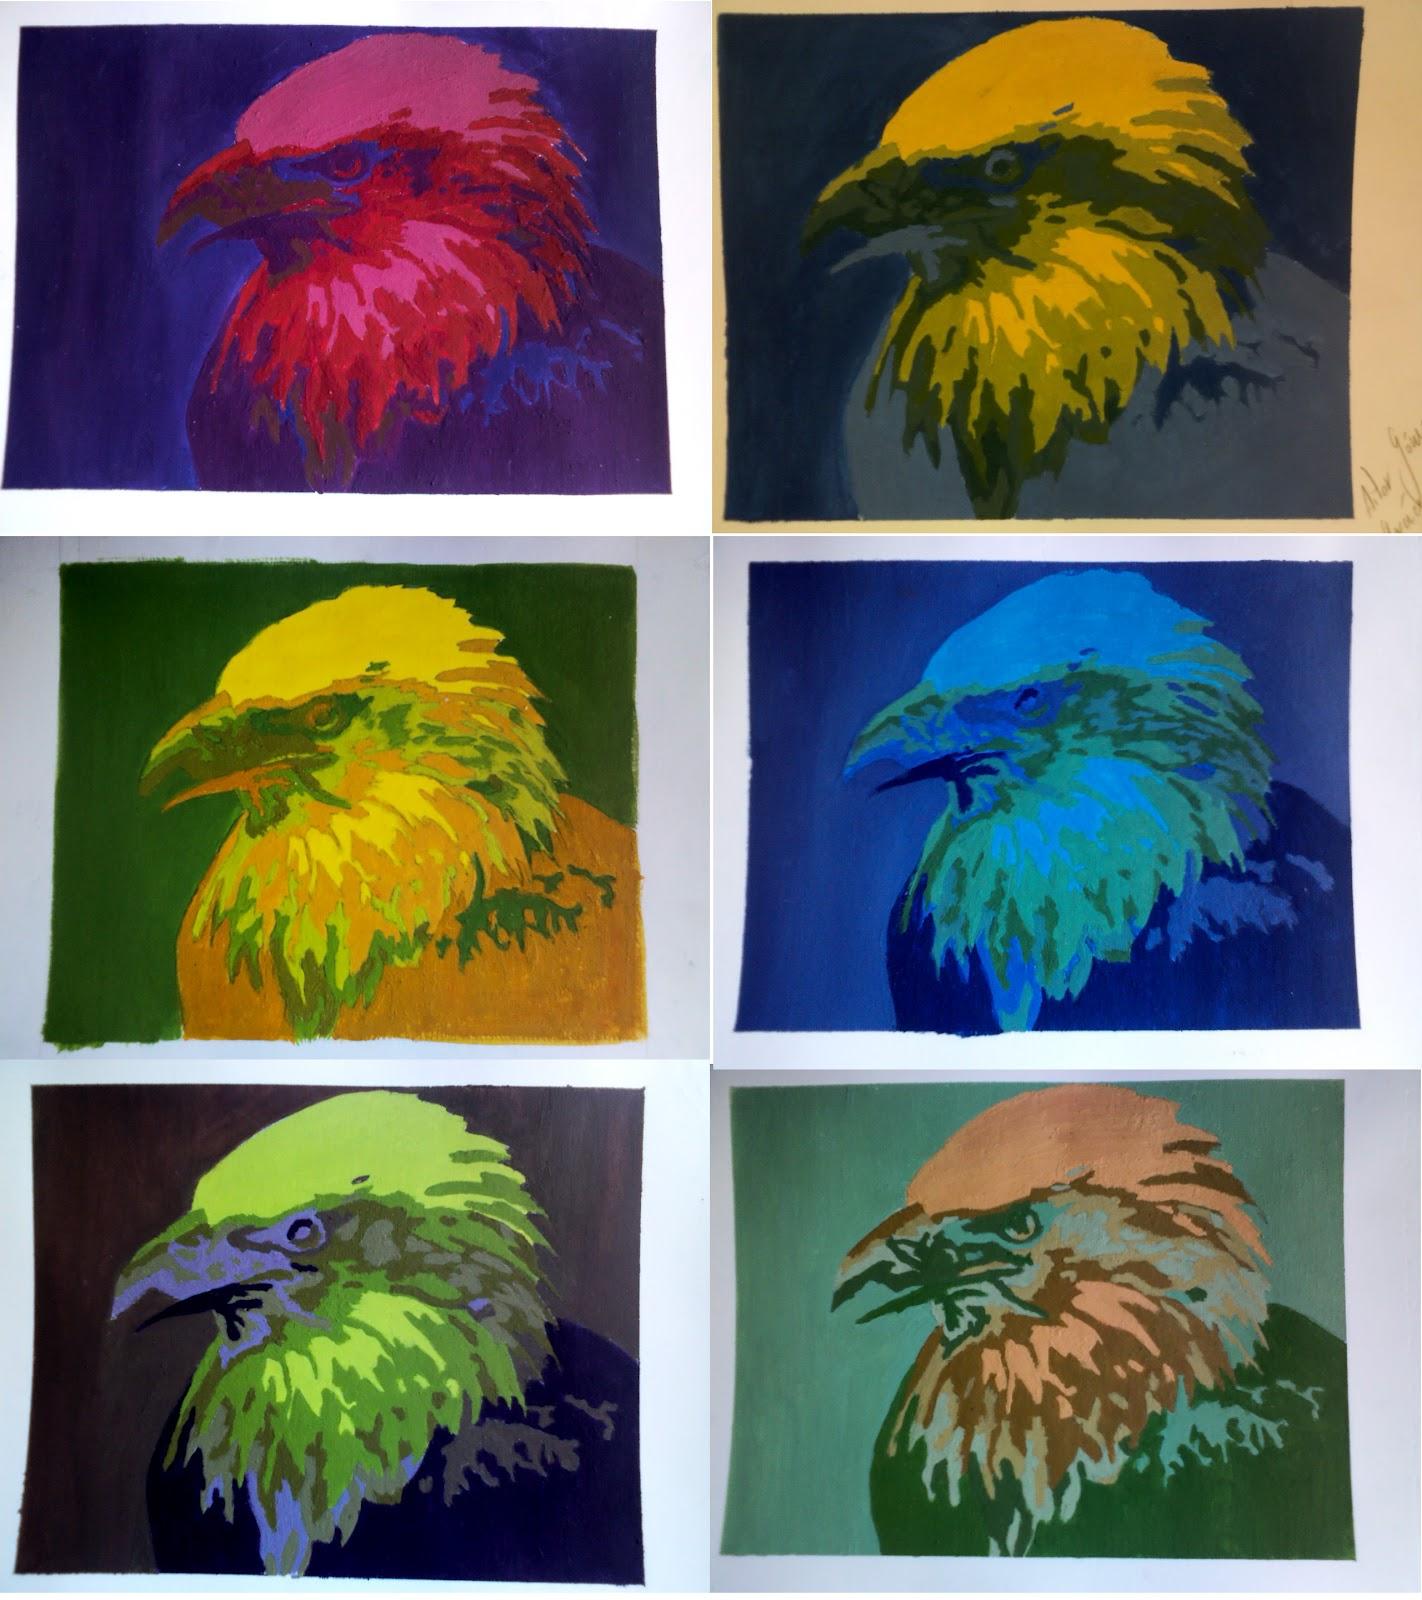 Fundamentos de pintura ejercicio composiciones crom ticas for Pintura clorocaucho colores